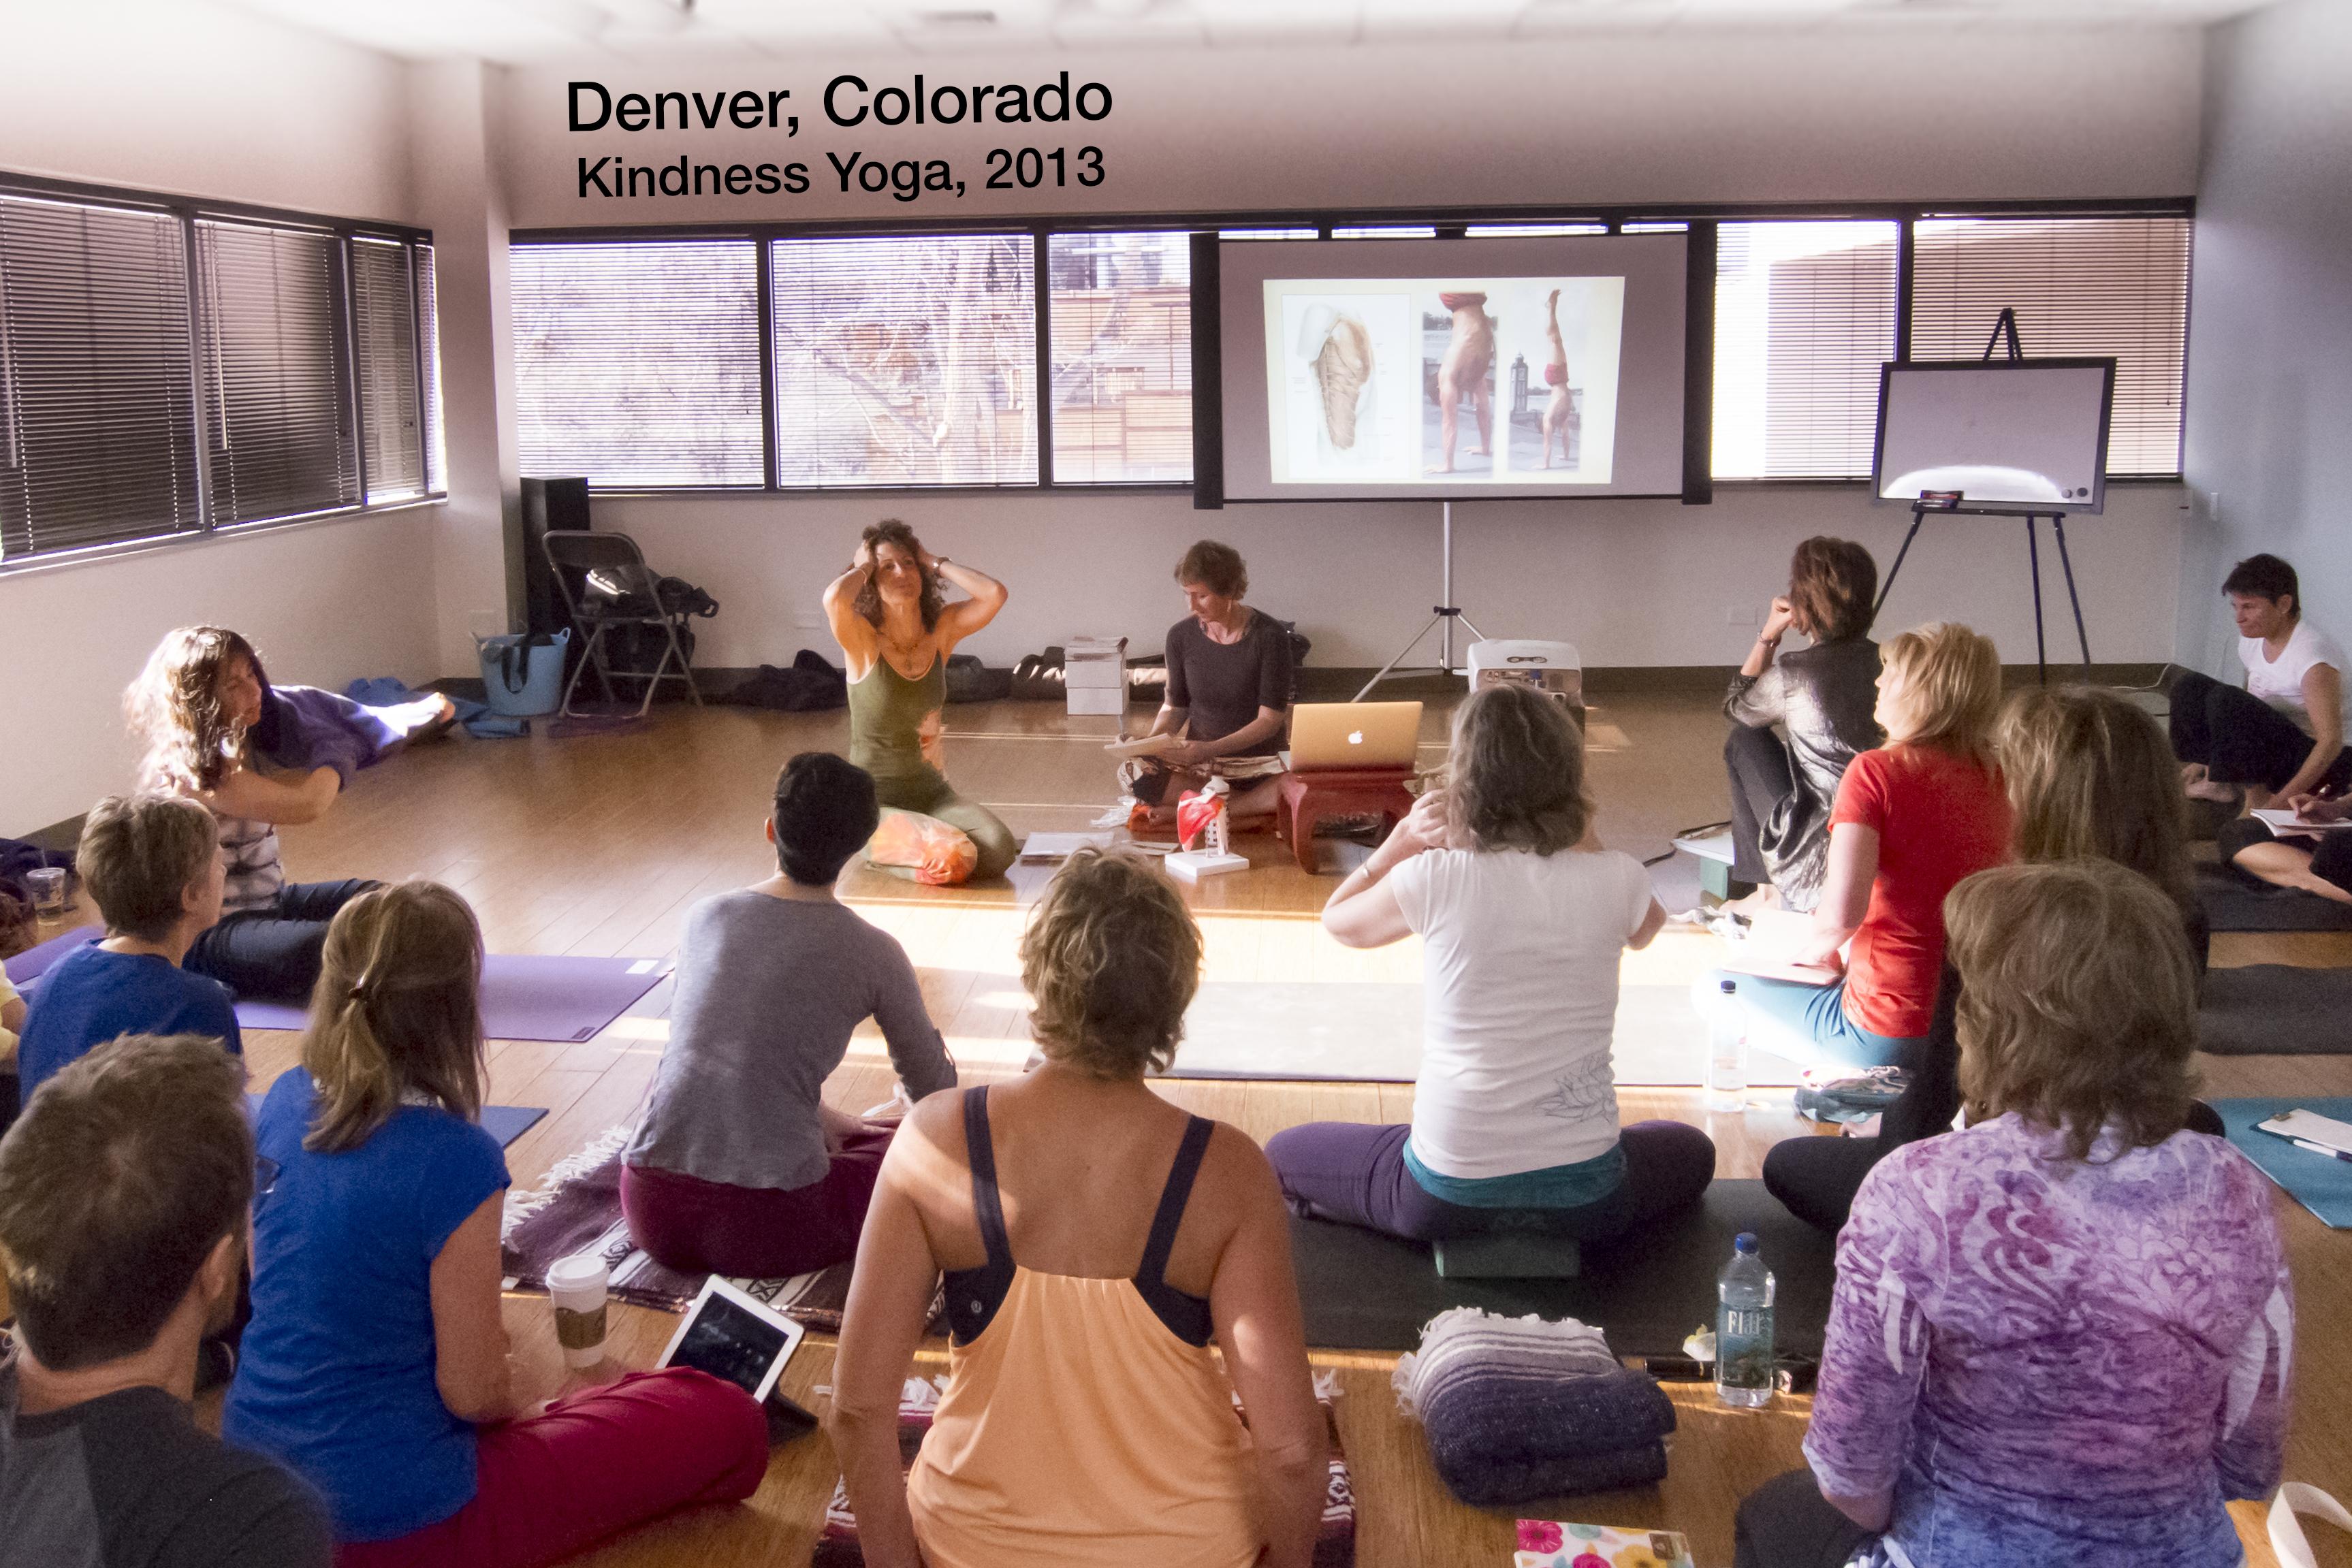 Wisdom Warriors, Kindness Yoga, Denver, Colorado